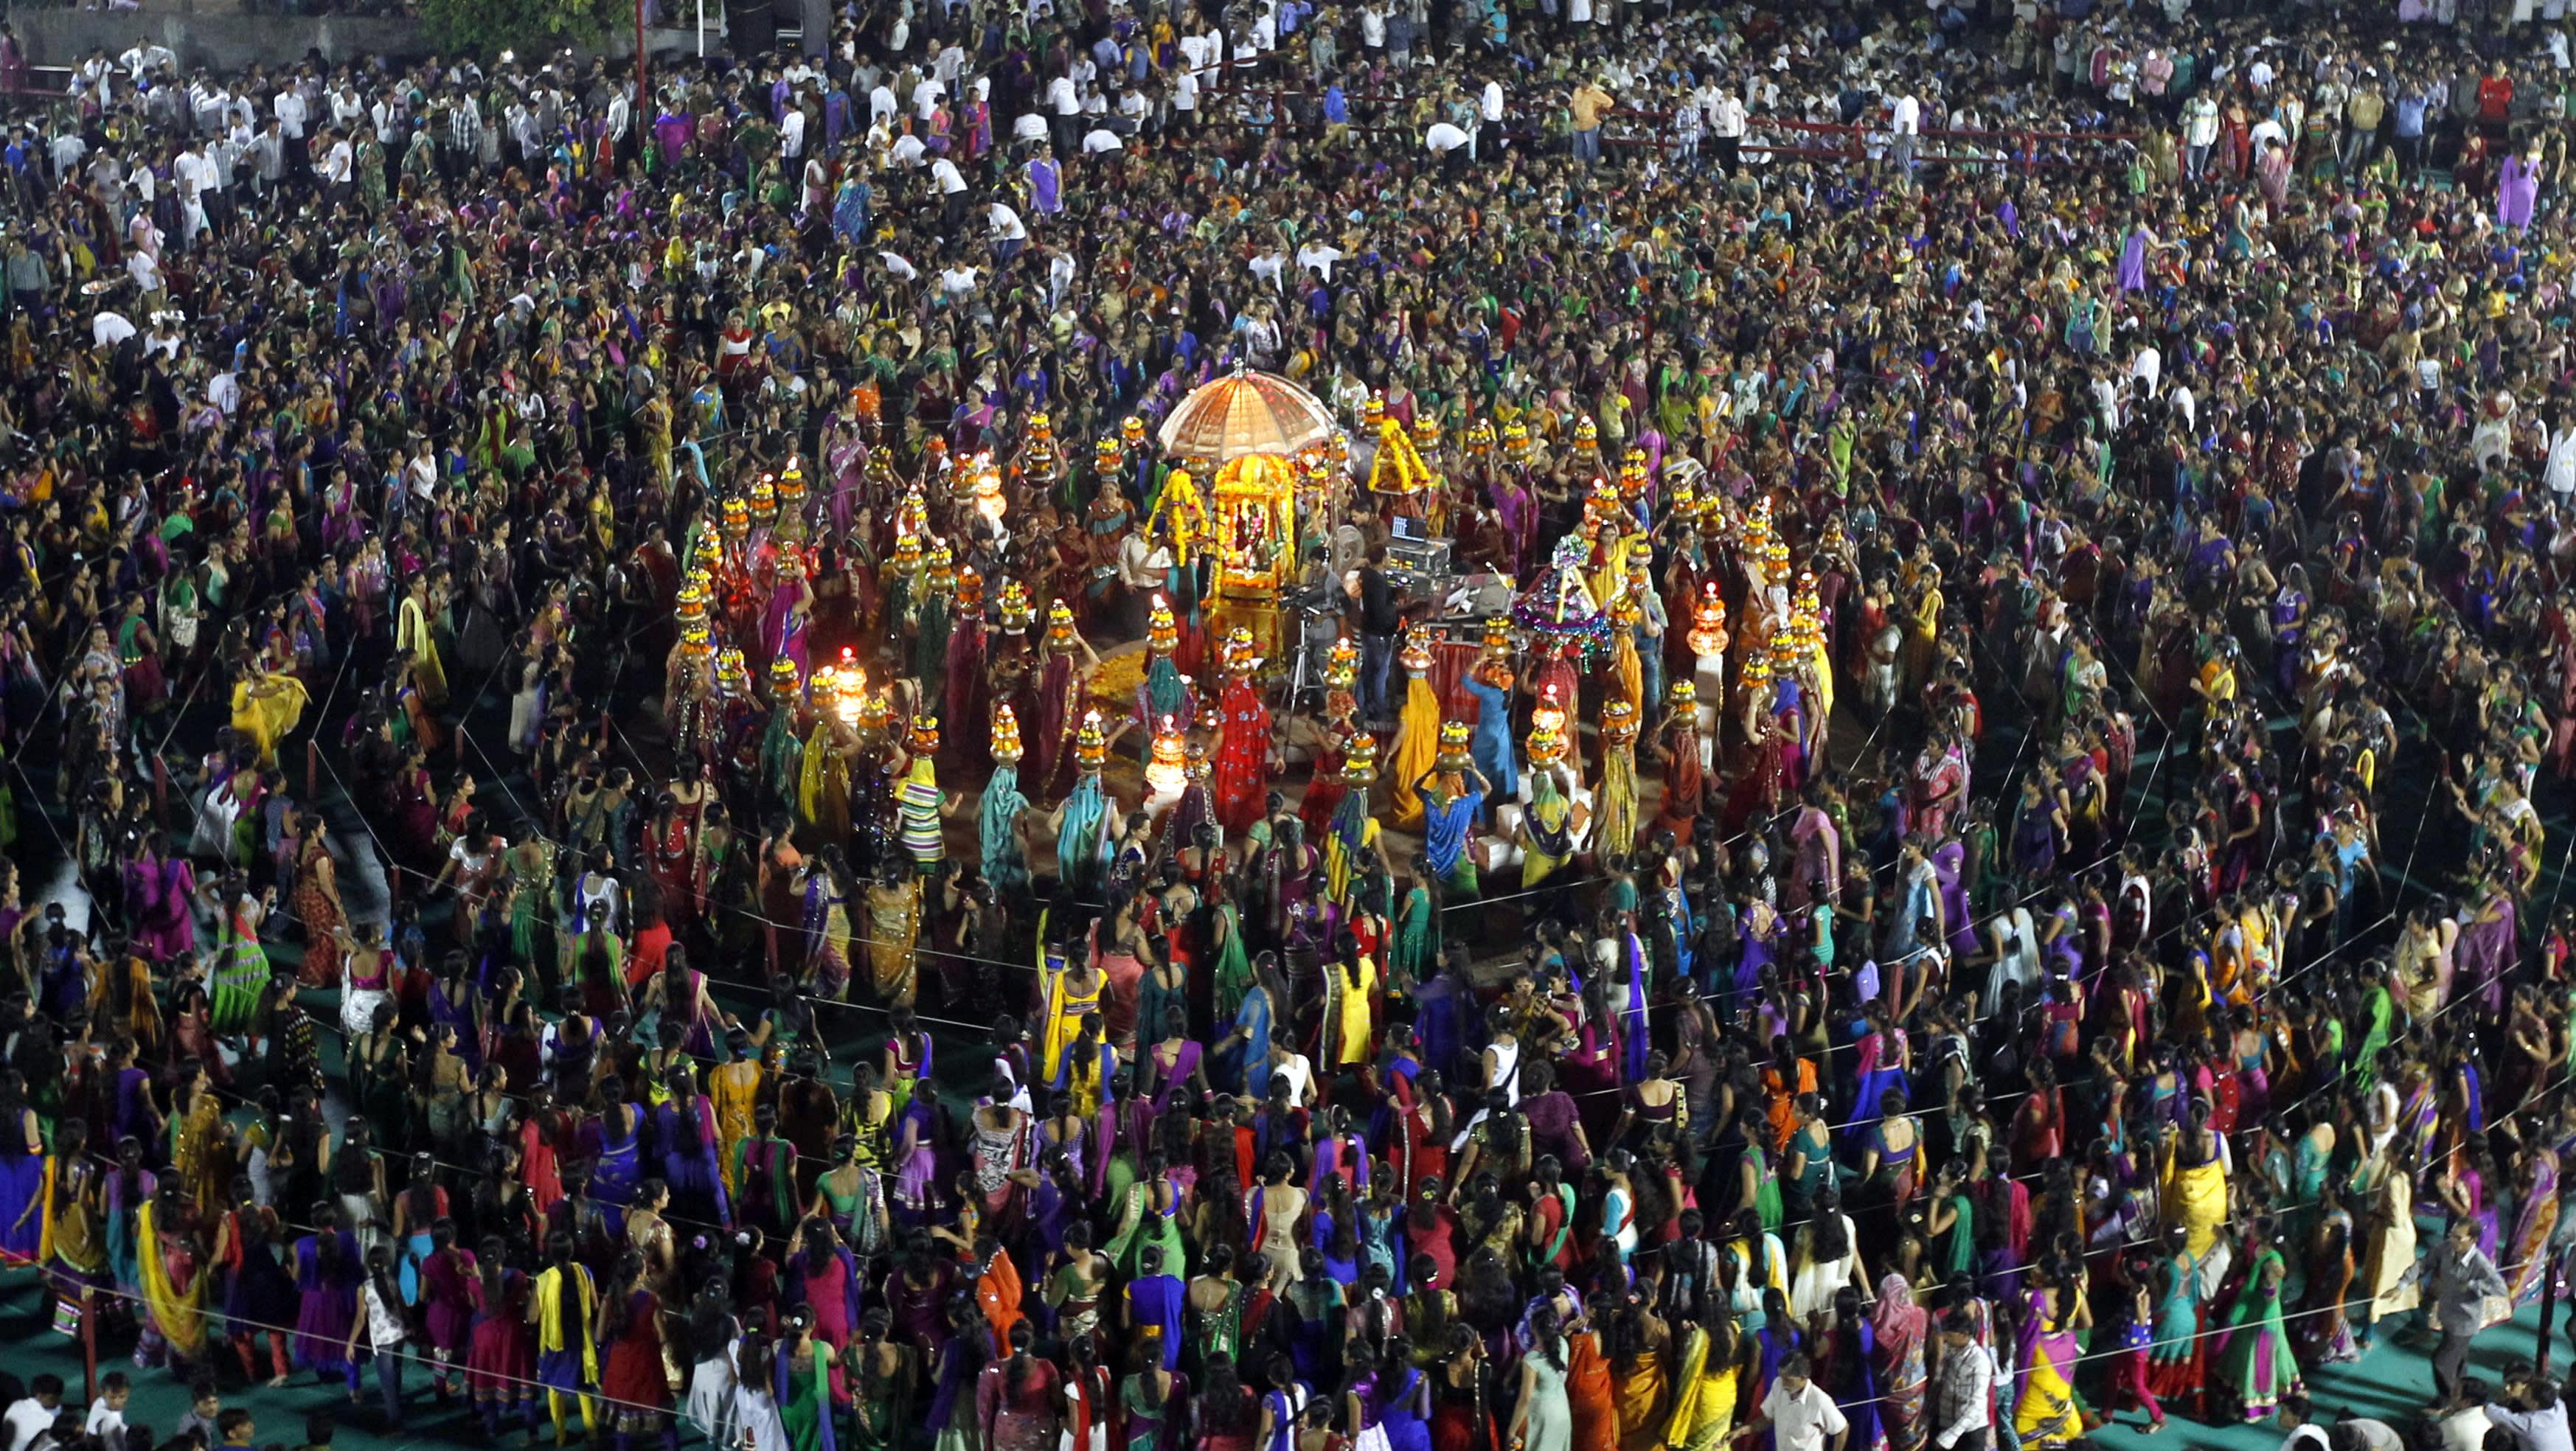 Dussehra Fest (feiert den Triumph des Guten über das Böse) in Nepal